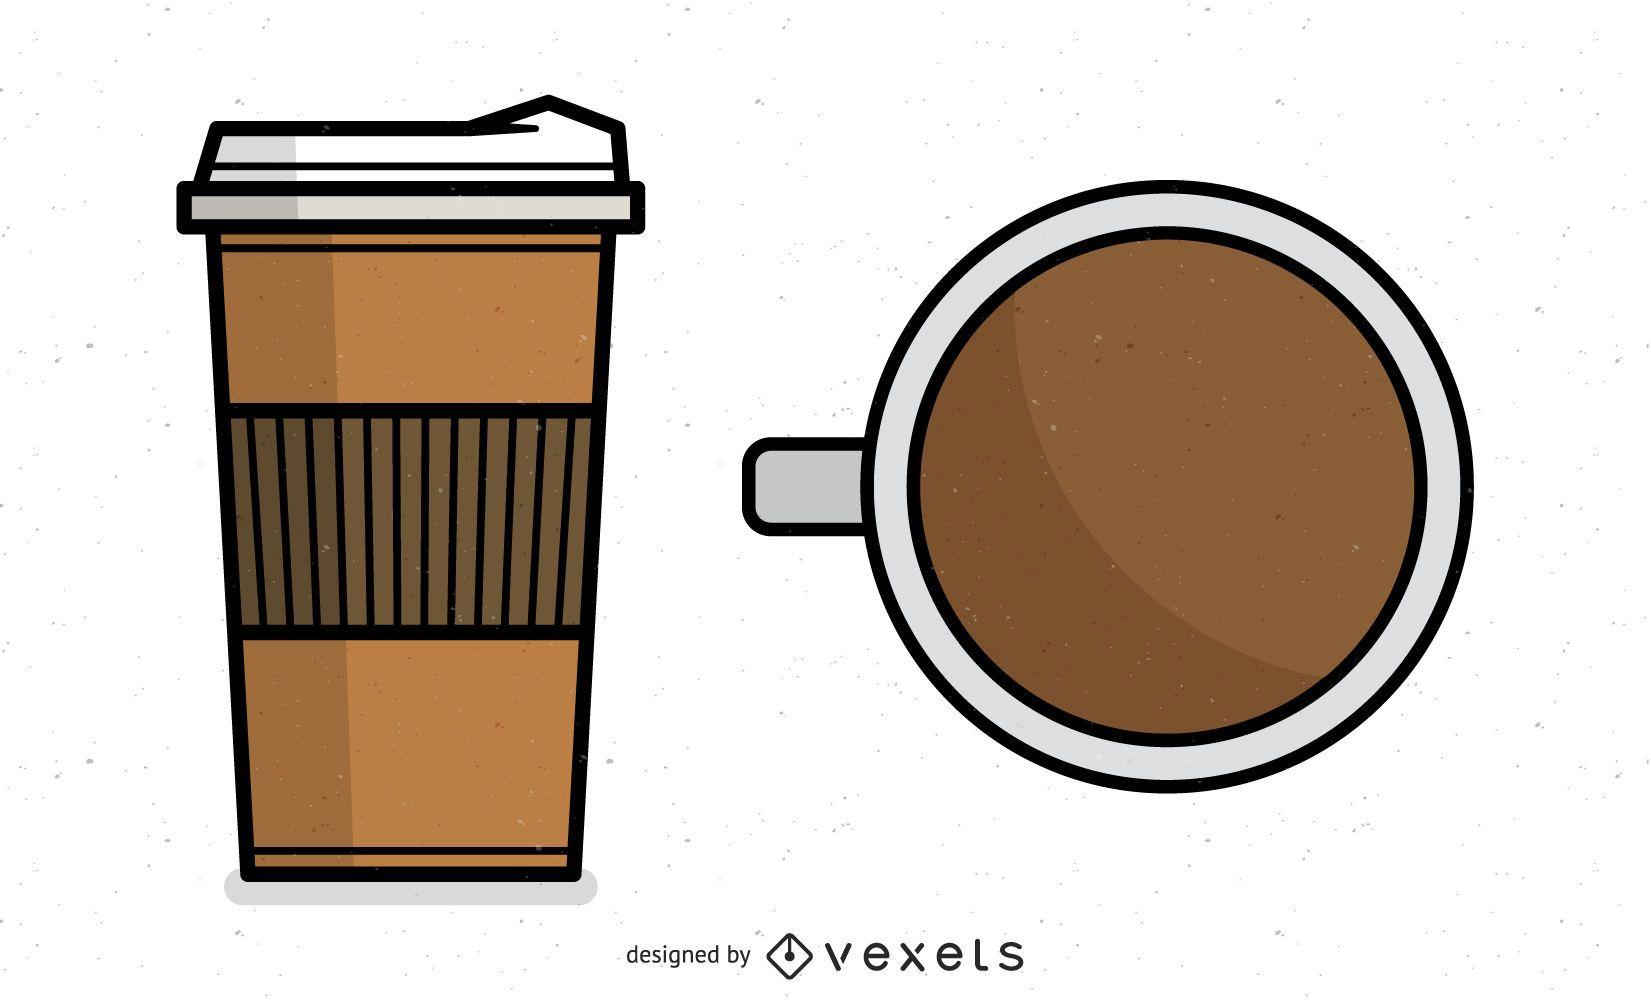 Kaffee in Styropor Tasse und Becher